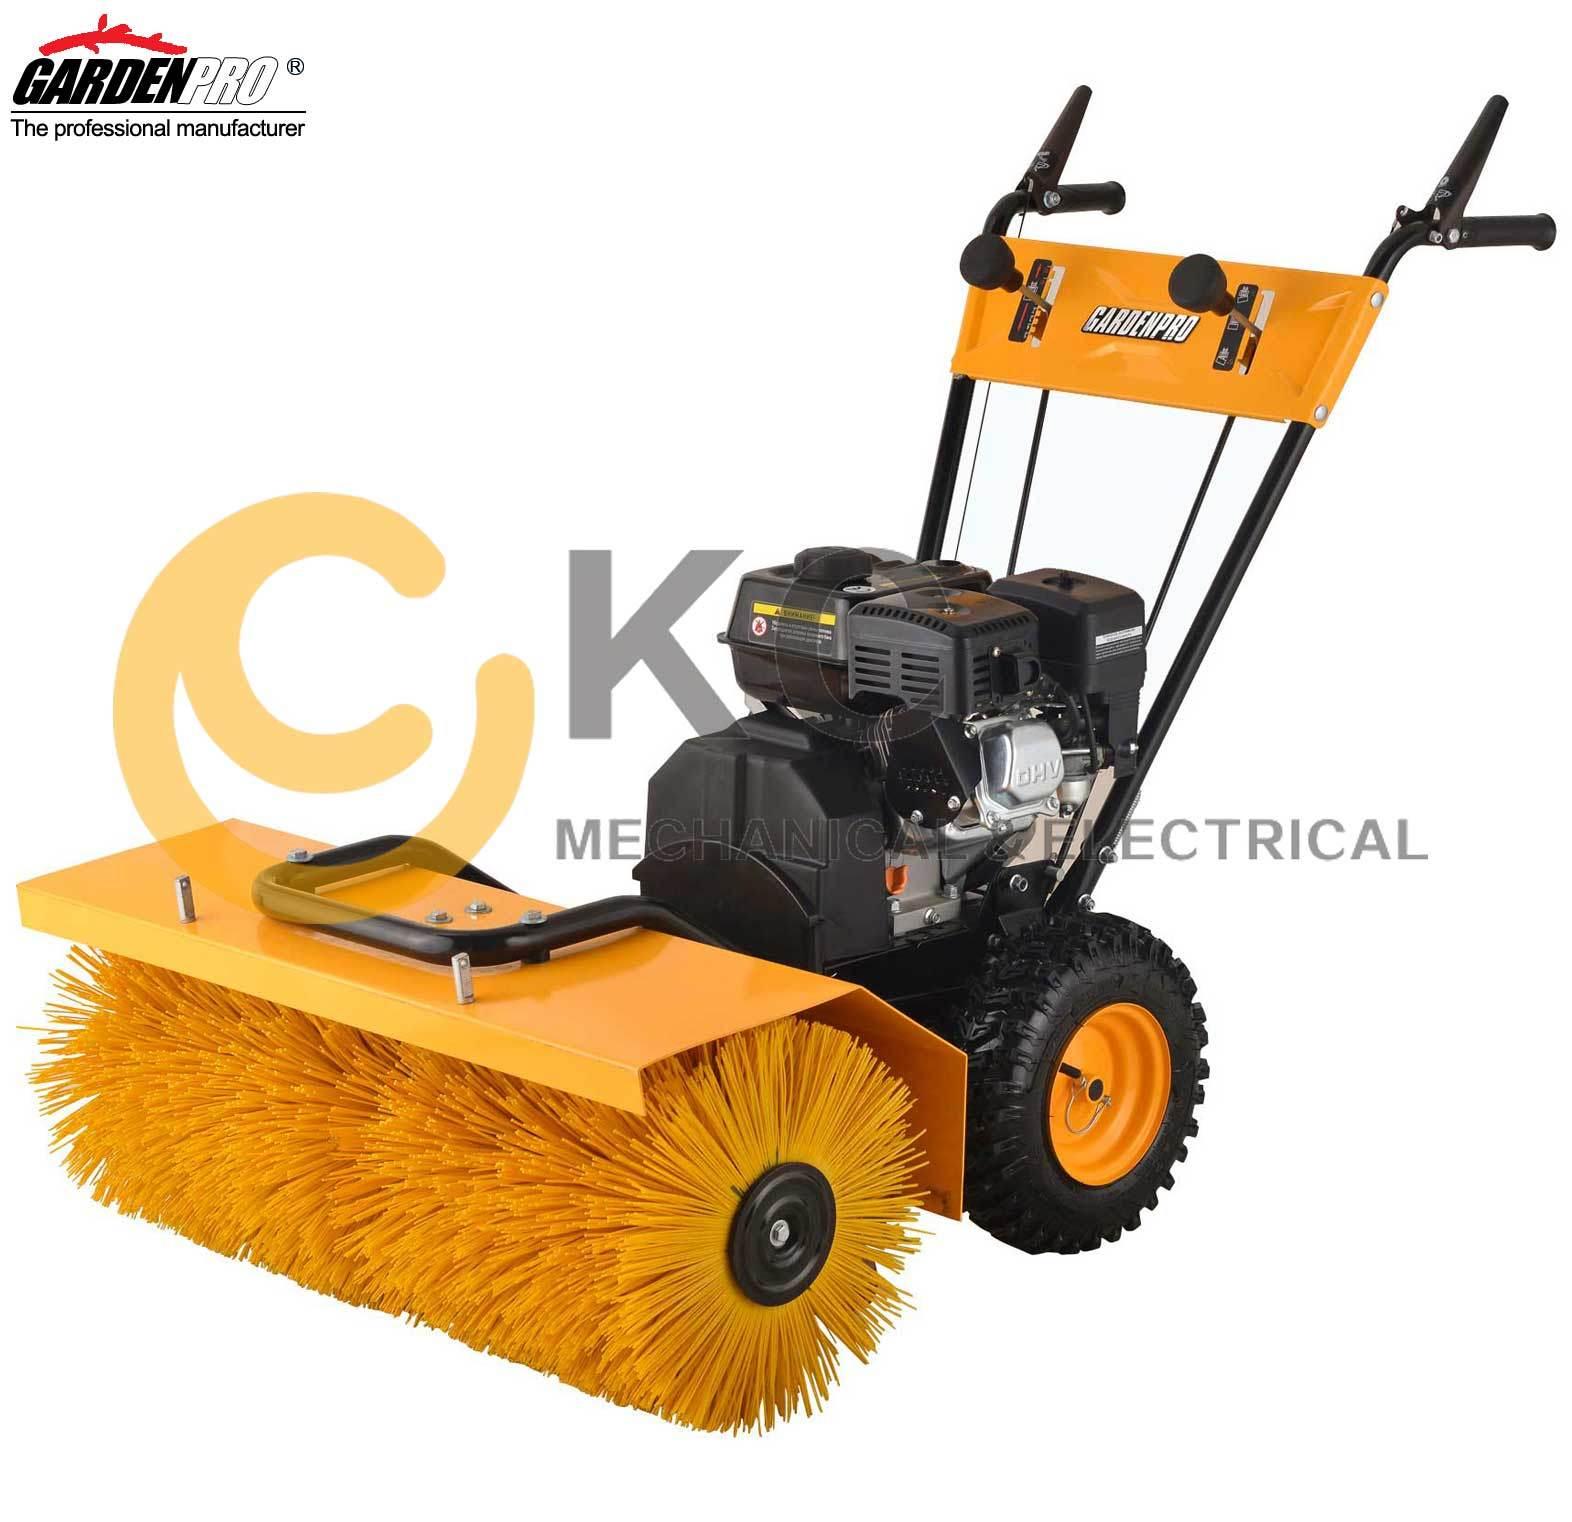 Kehrmaschine/Sweeper (KCB25)